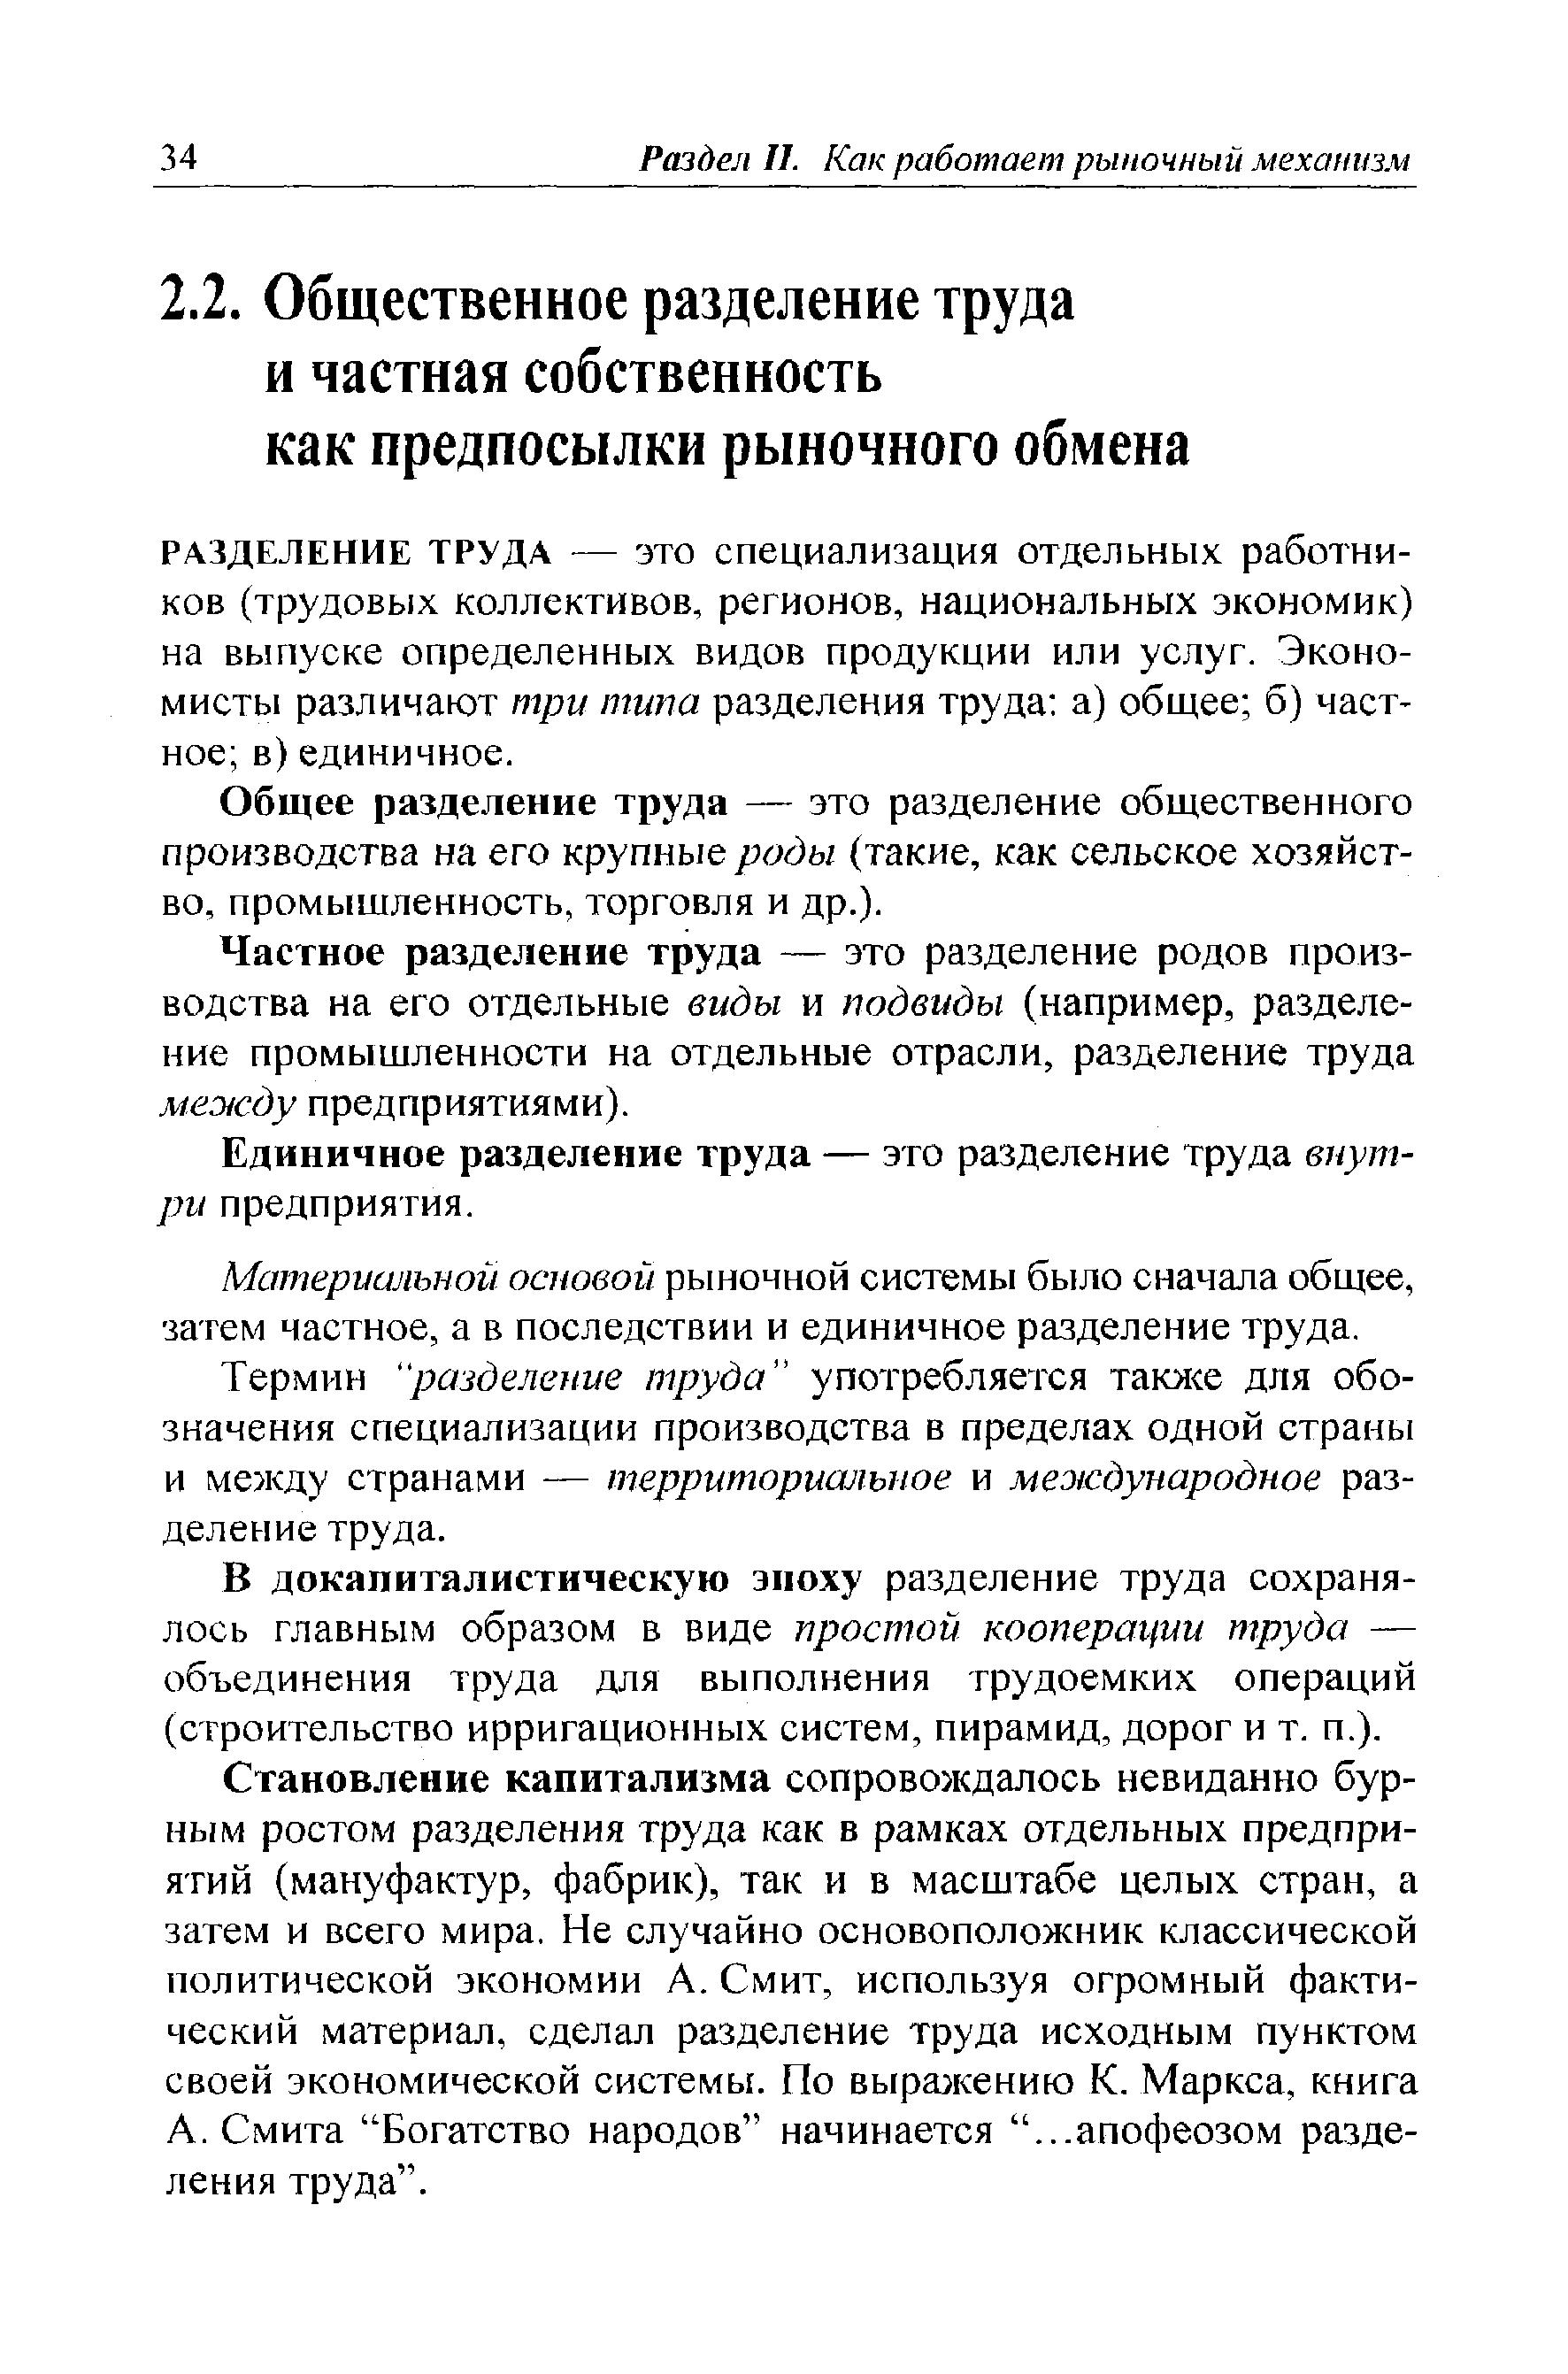 Азбука промышленных революций: не «железки», а «система разделения труда» - петр щедровицкий